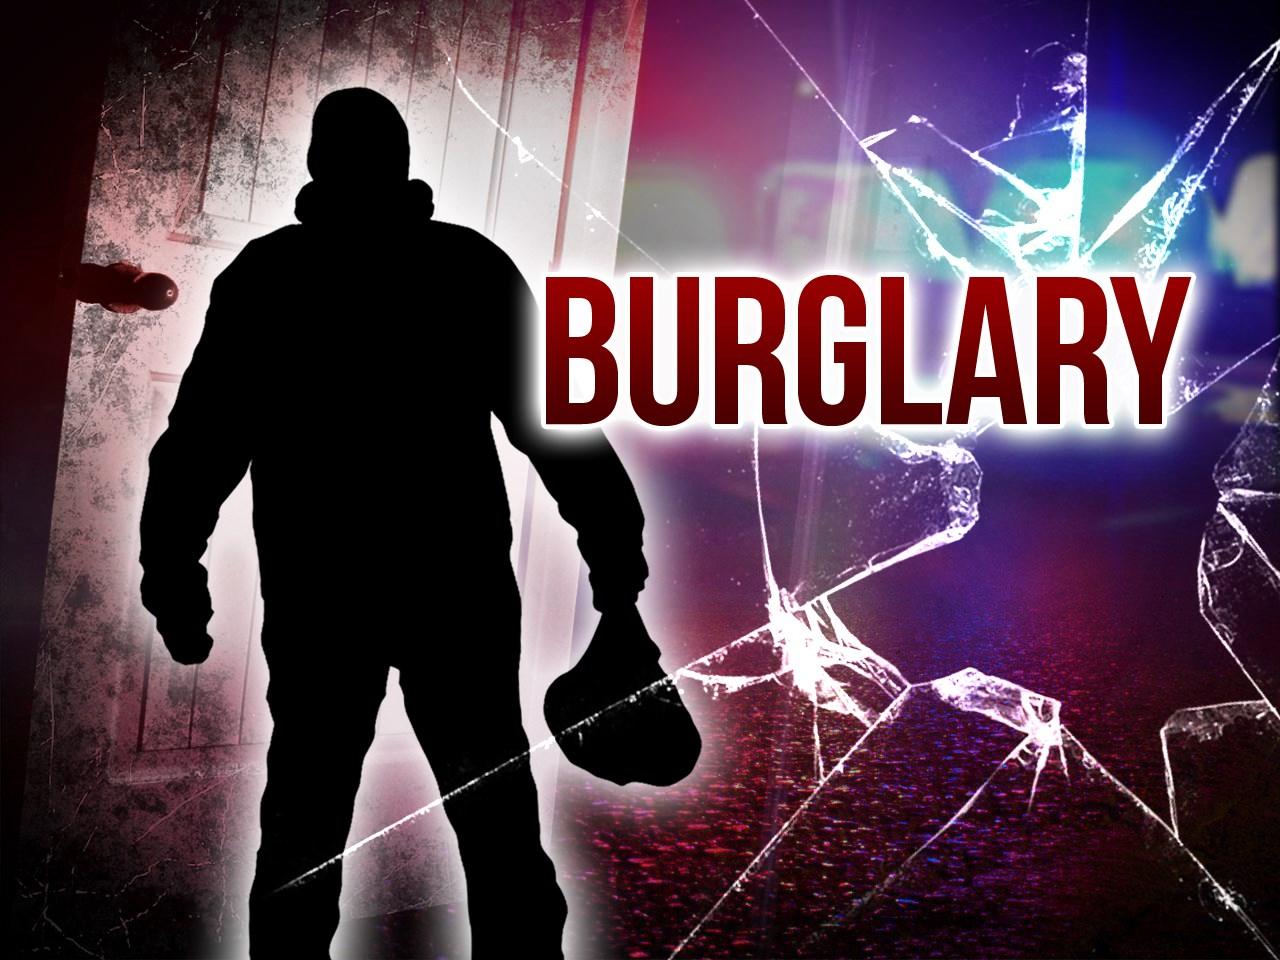 burglary_1465925143211.jpg